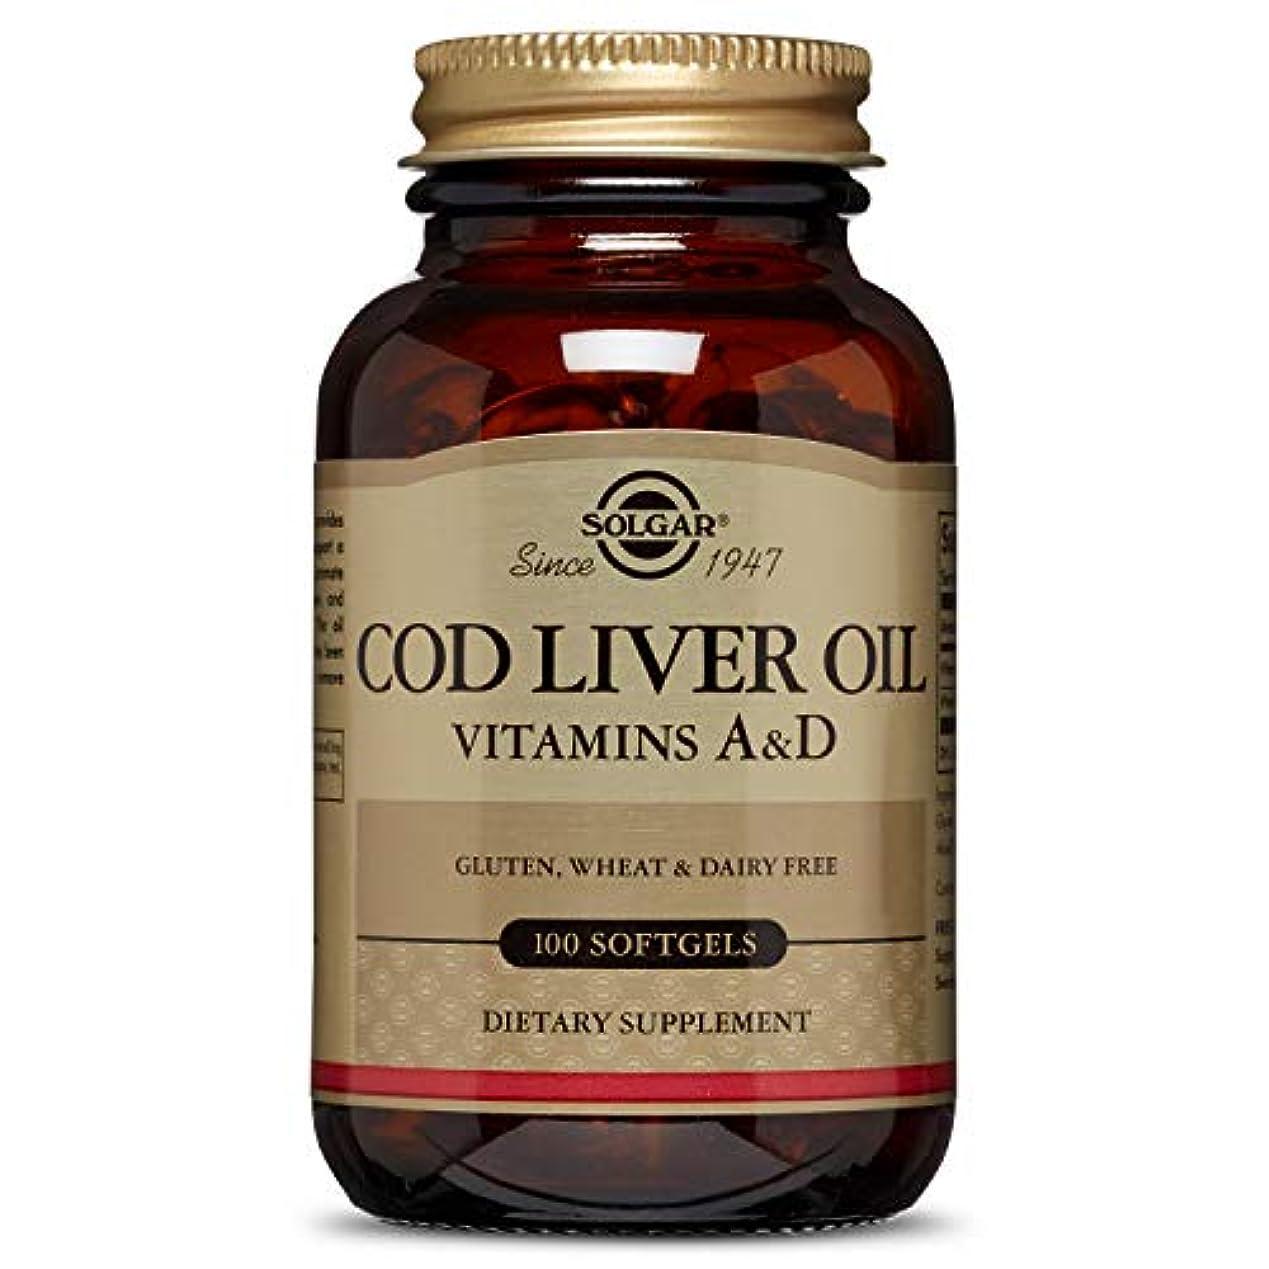 表面ゴシップ放課後海外直送品Norwegian Cod Liver Oil Softgels (Vitamin A & D Supplement), 100 S Gels by Solgar